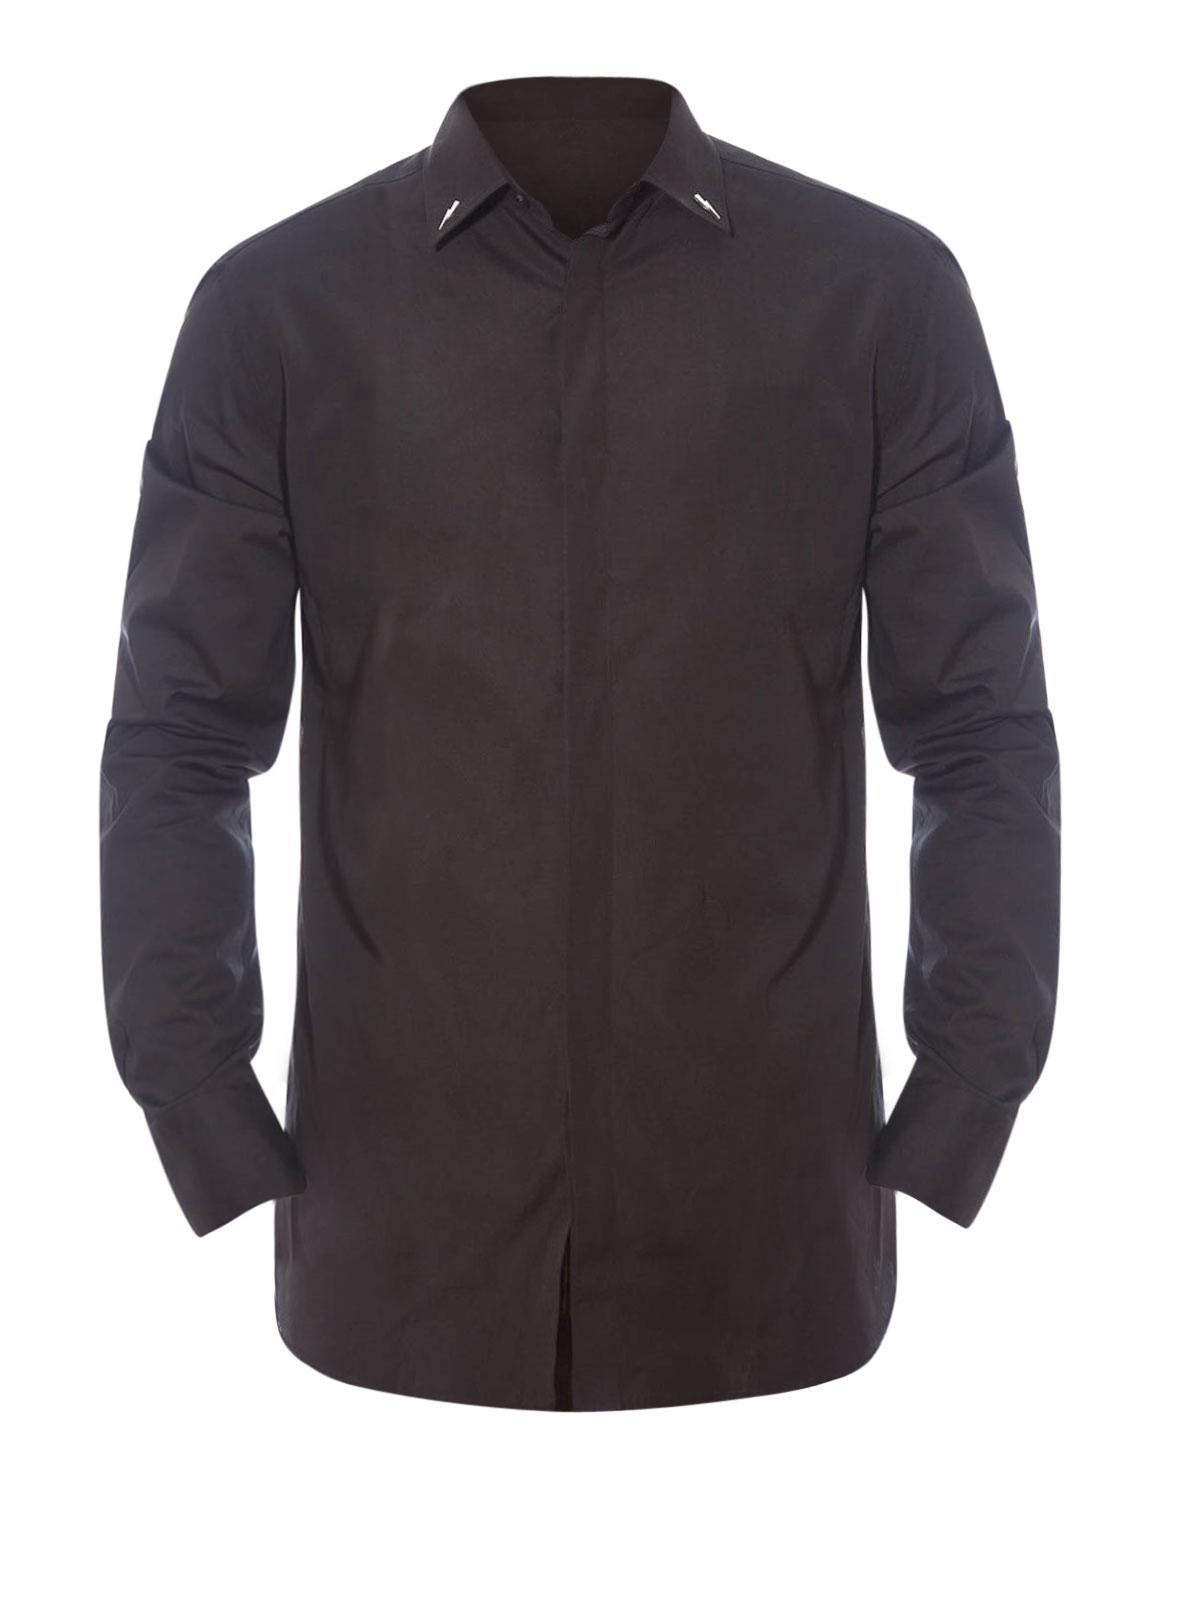 756e12c4c3be4 Neil Barrett - Camisa Negra Para Hombre - Camisas - PBCM527S A022C 01